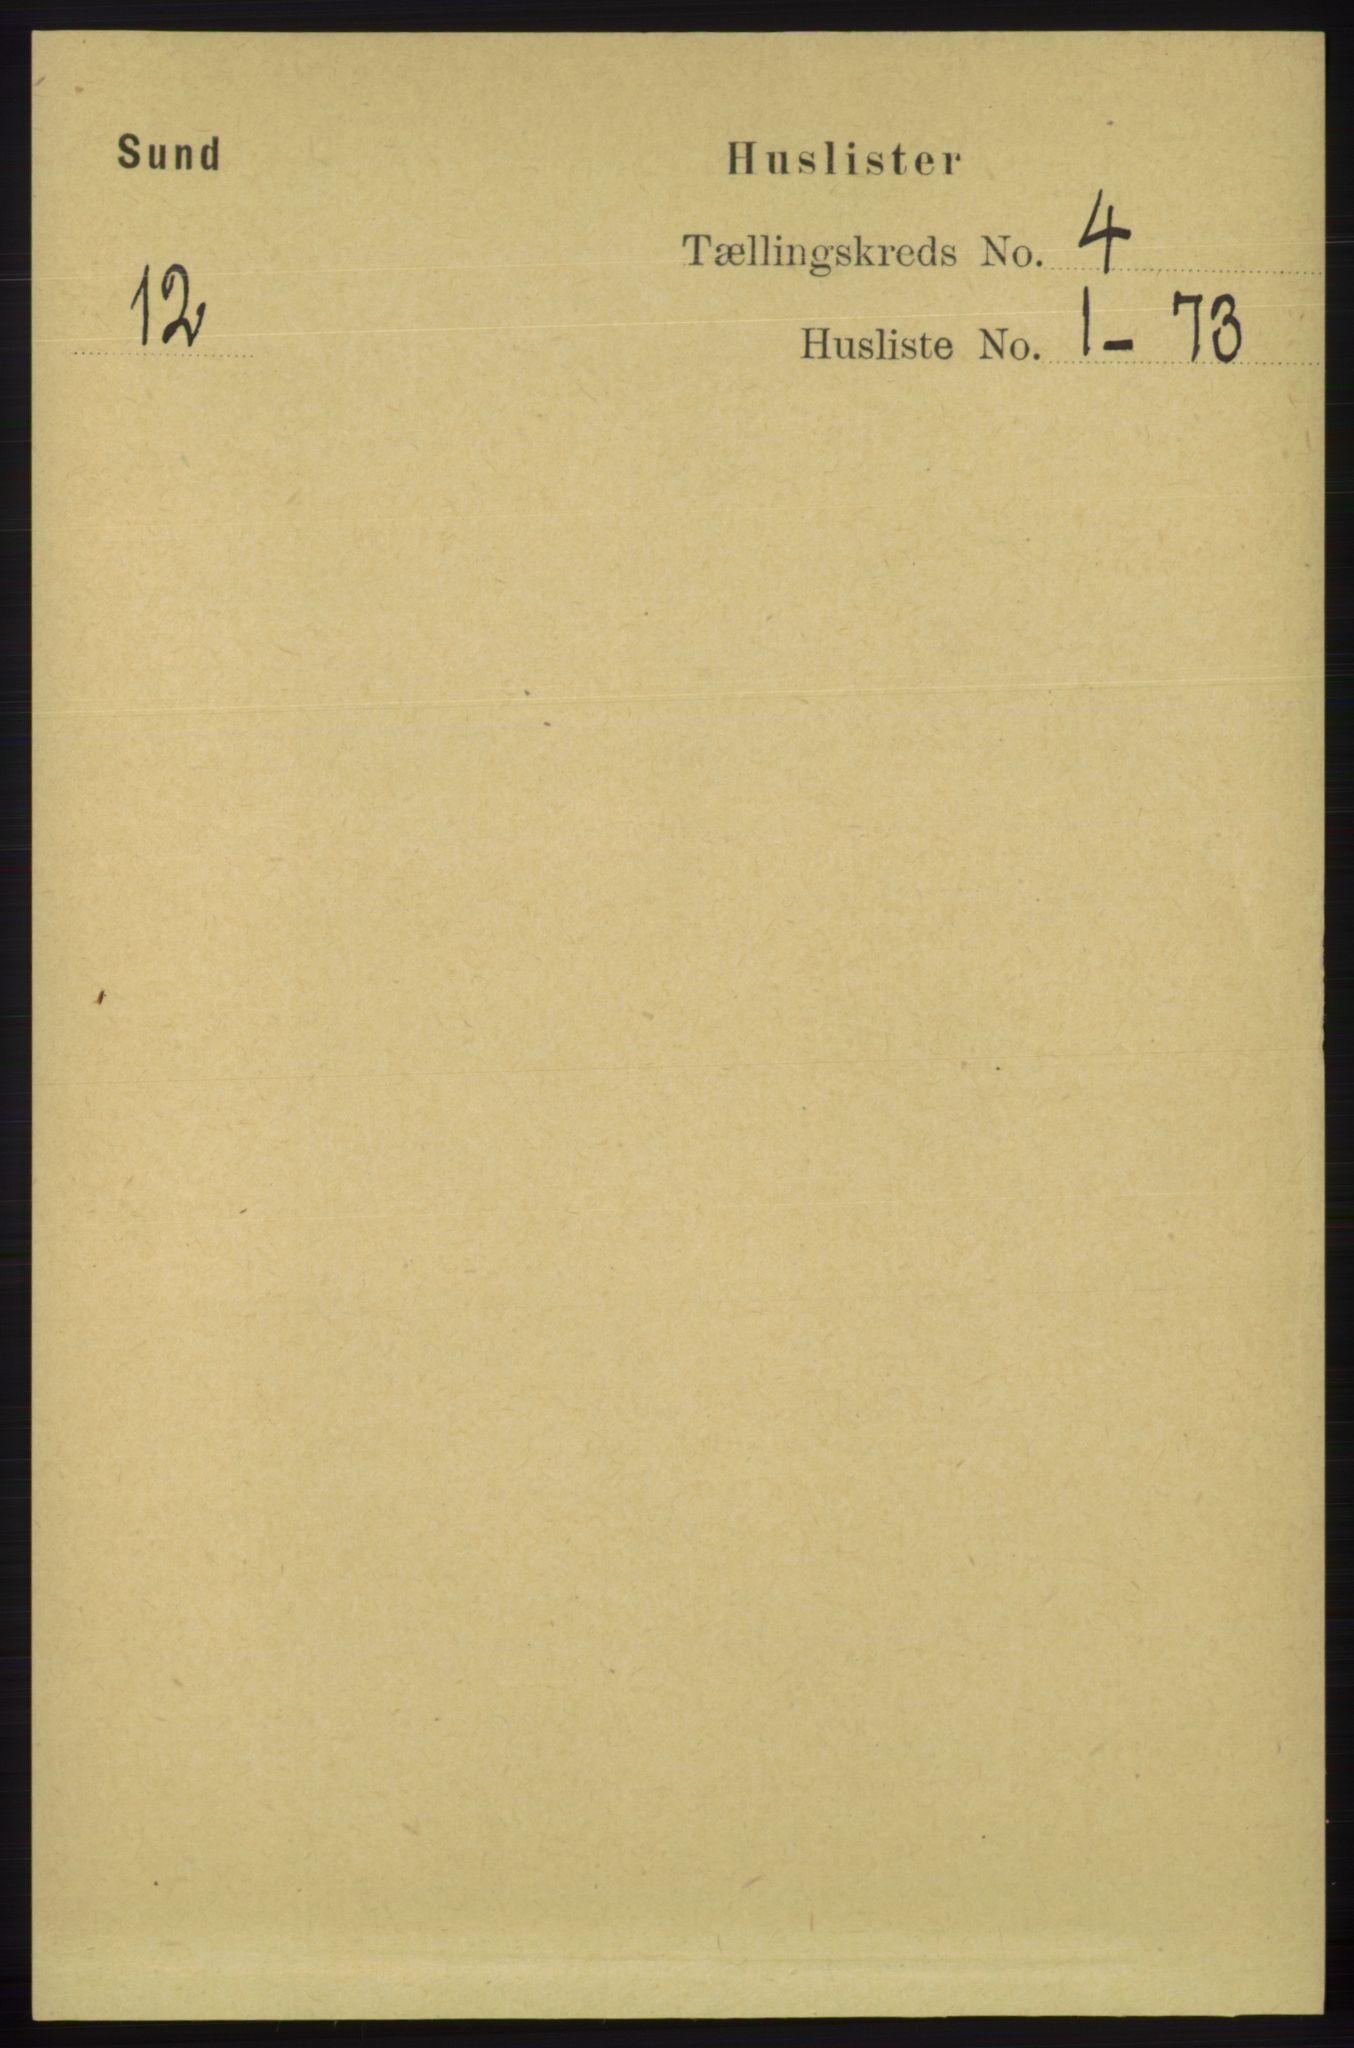 RA, Folketelling 1891 for 1245 Sund herred, 1891, s. 1776